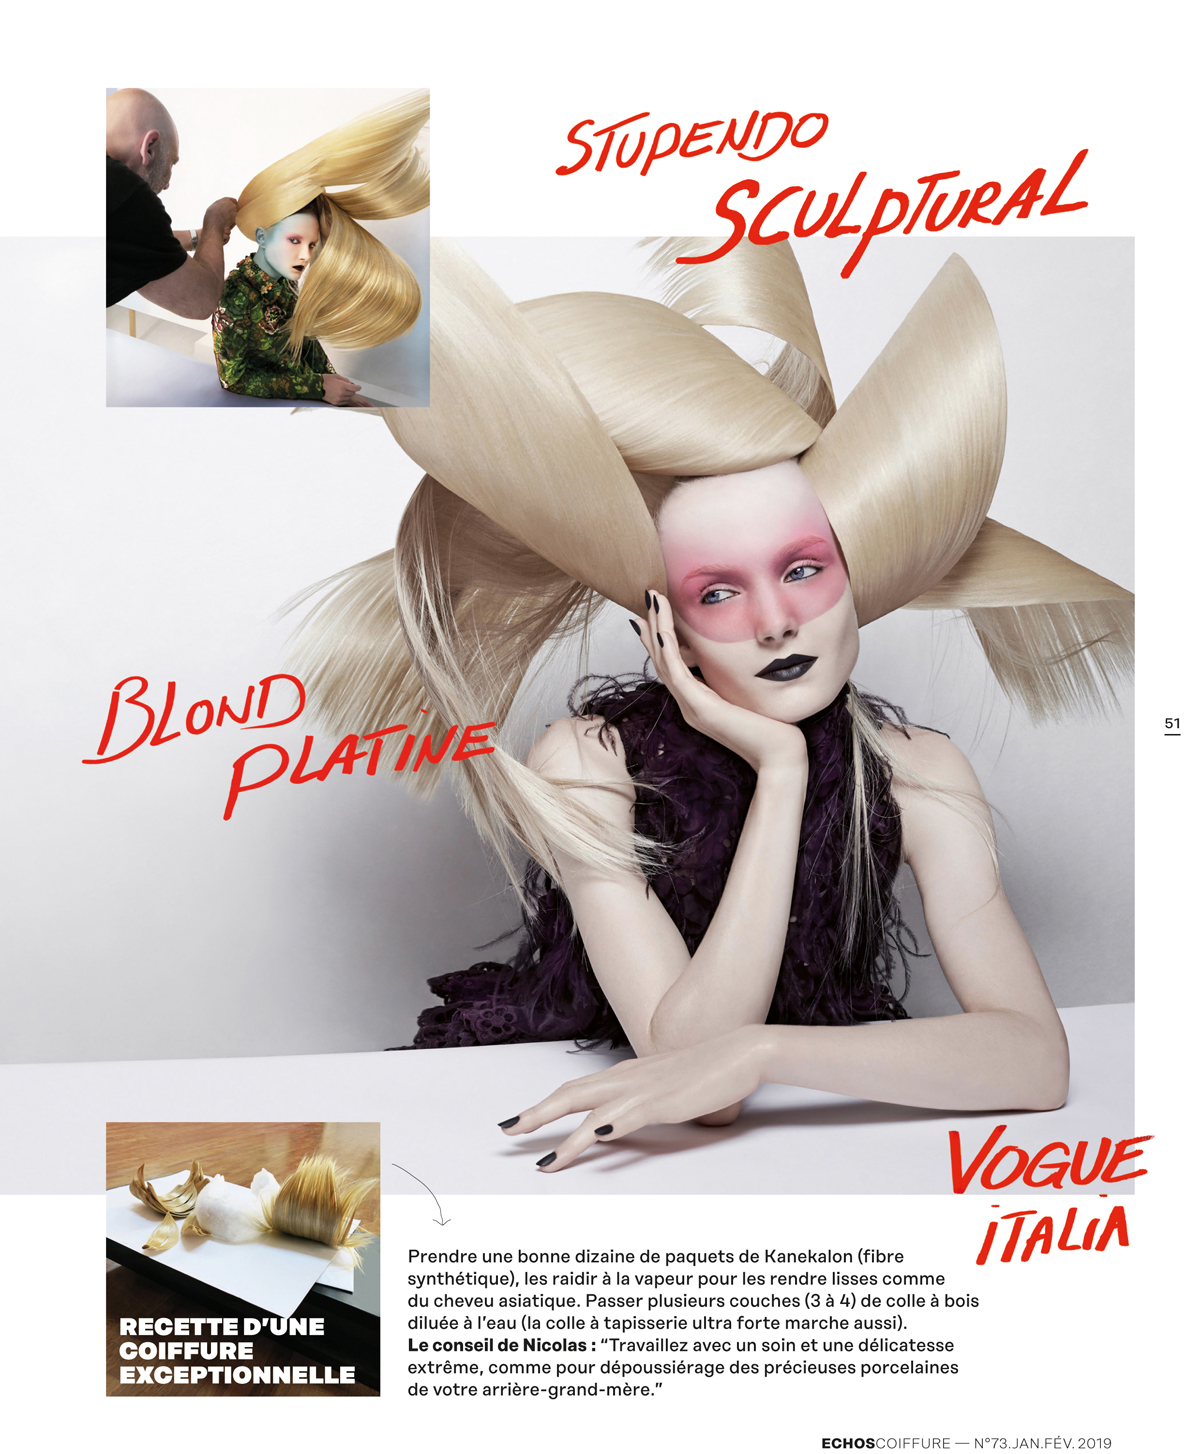 echos-coiffure-hair-sculpture-bts-2019-nicolas-jurnjack-Hair.jpg